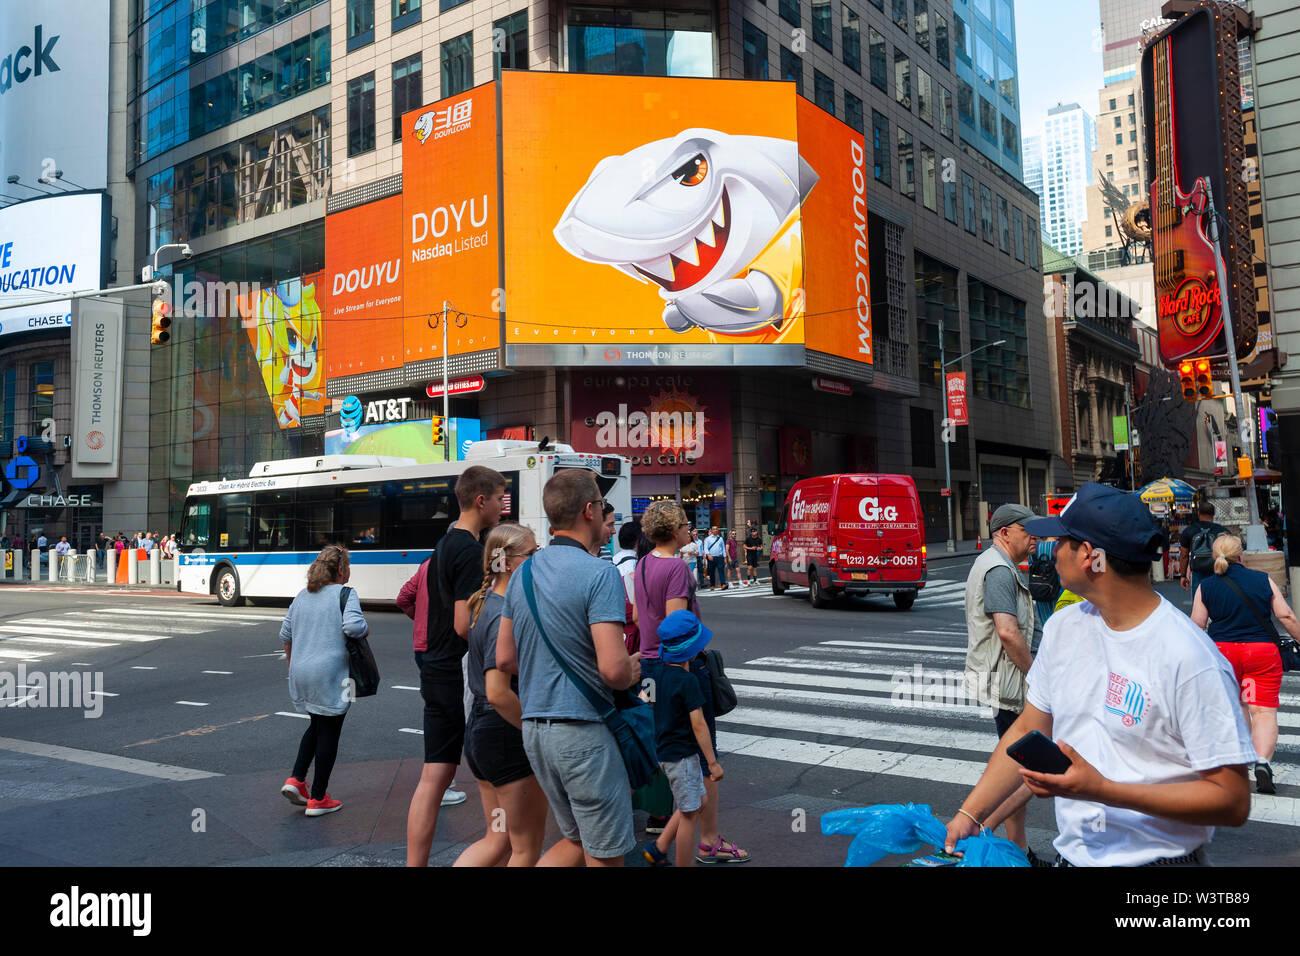 La pantalla gigante de vídeo frente a la bolsa de valores de Nasdaq en Times Square en Nueva York está decorada para el debut de la International Holdings Ltd. DouYu oferta pública inicial el miércoles, 17 de julio de 2019. DouYu es la mayor plataforma de streaming en vivo en China y está respaldada por Tencent Holdings Ltd. valorando la empresa en $3.73 mil millones es la mayor oferta pública inicial (OPI) de China en 2019. (© Richard B. Levine) Imagen De Stock